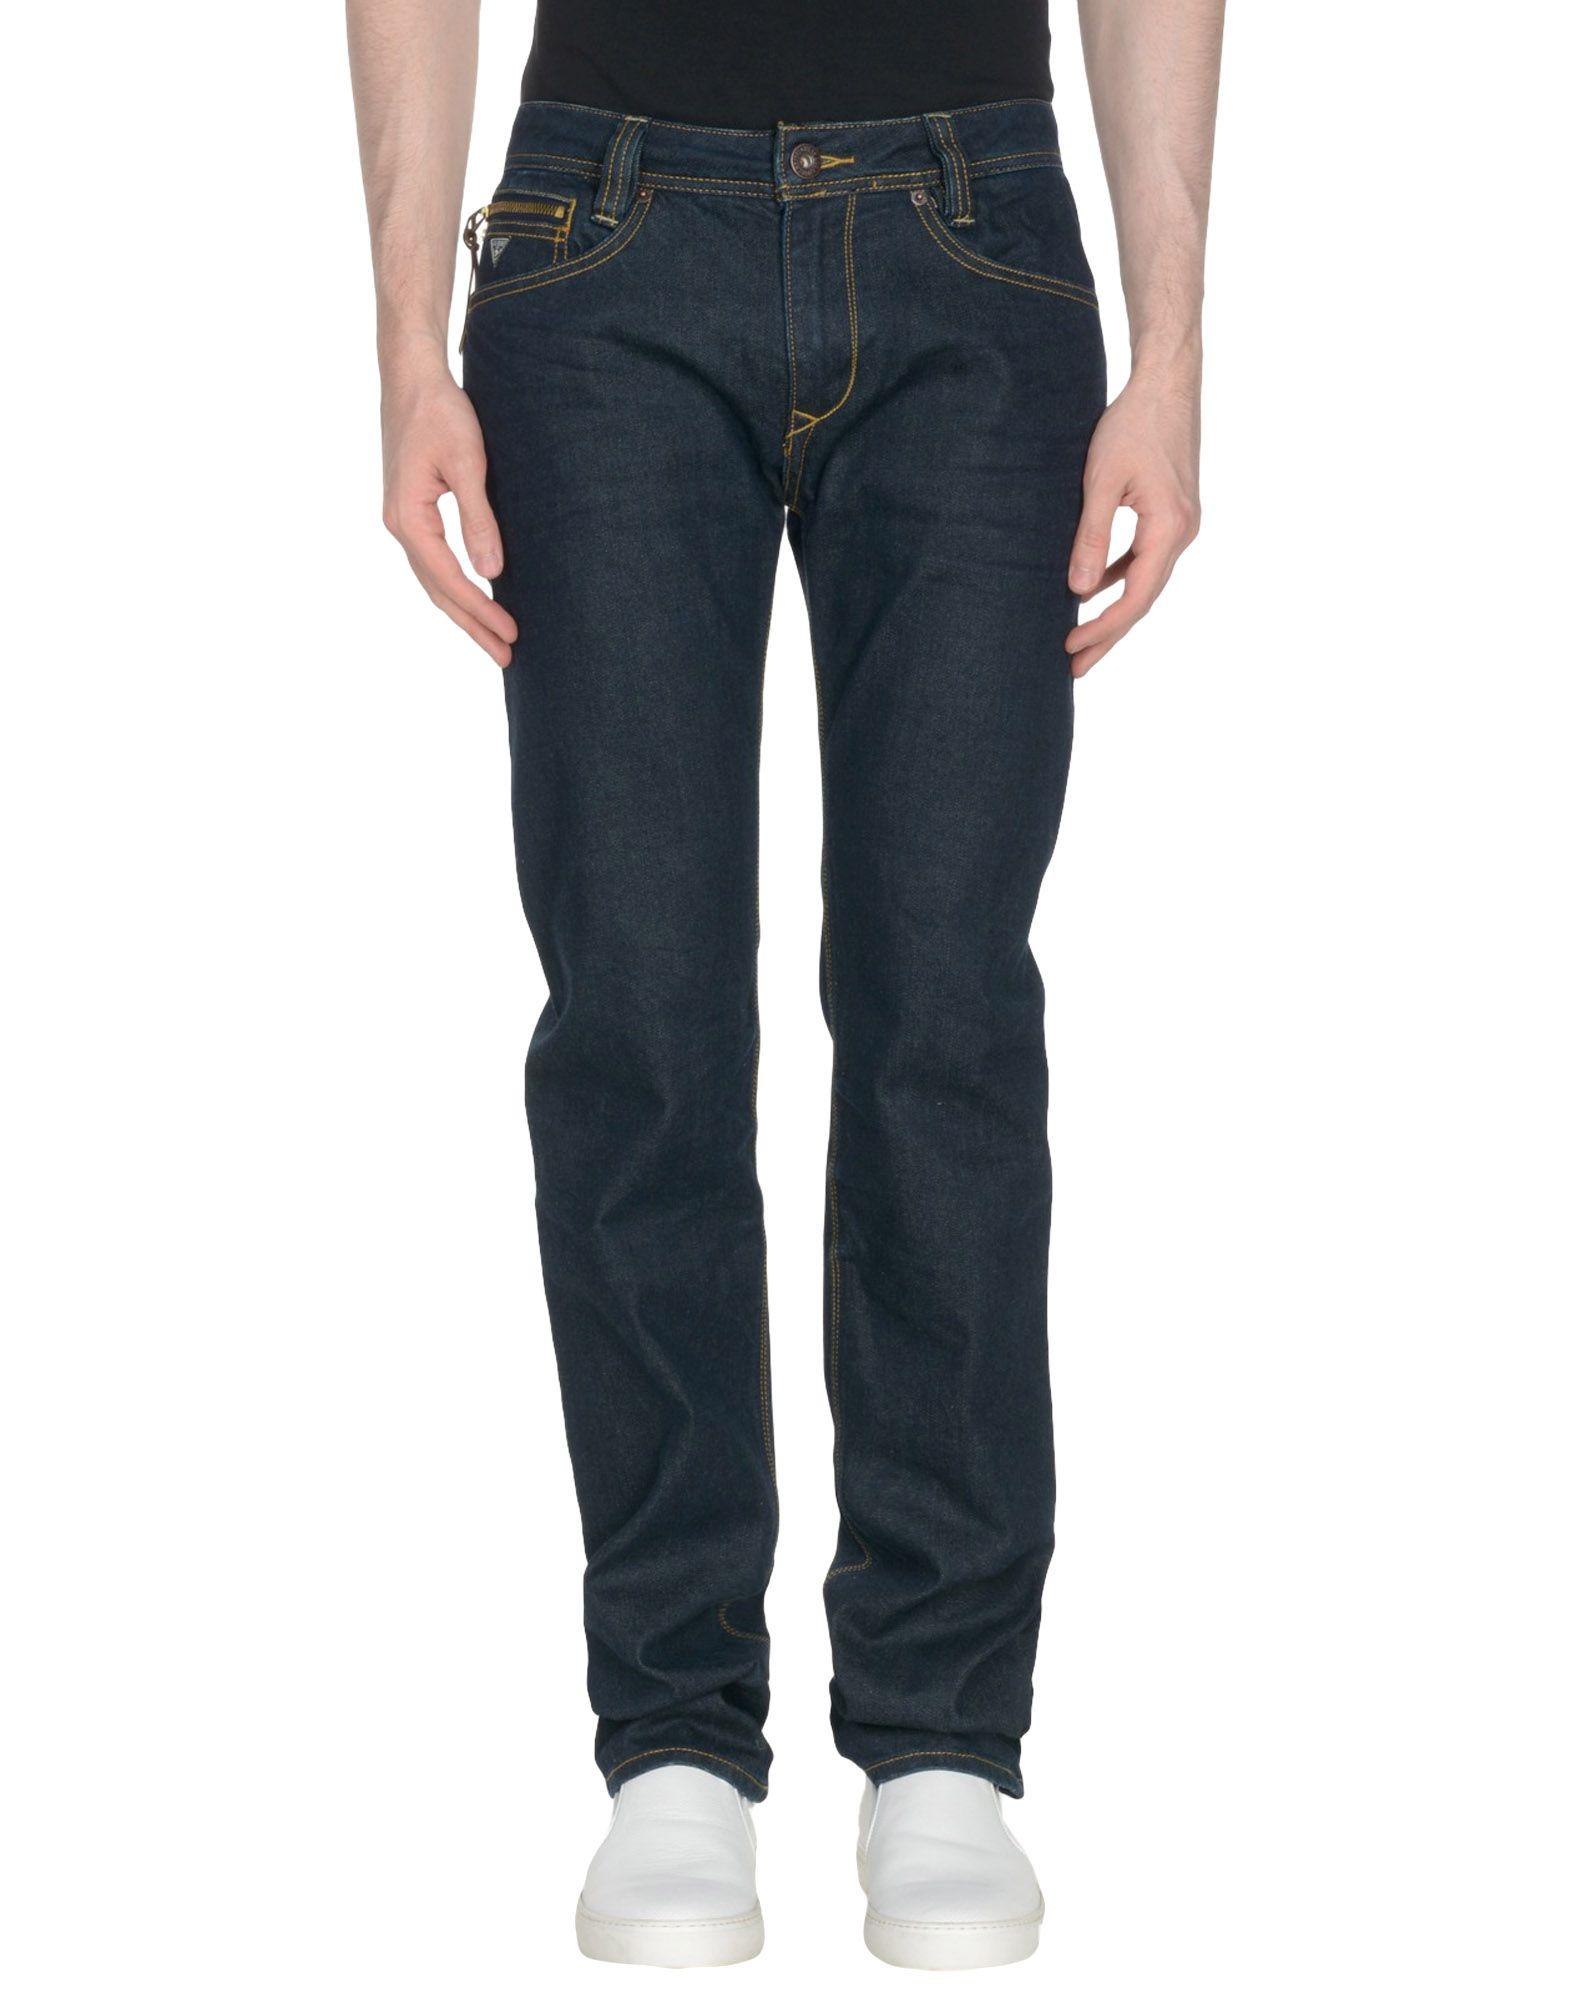 Pantaloni Jeans Guess Uomo - Acquista online su